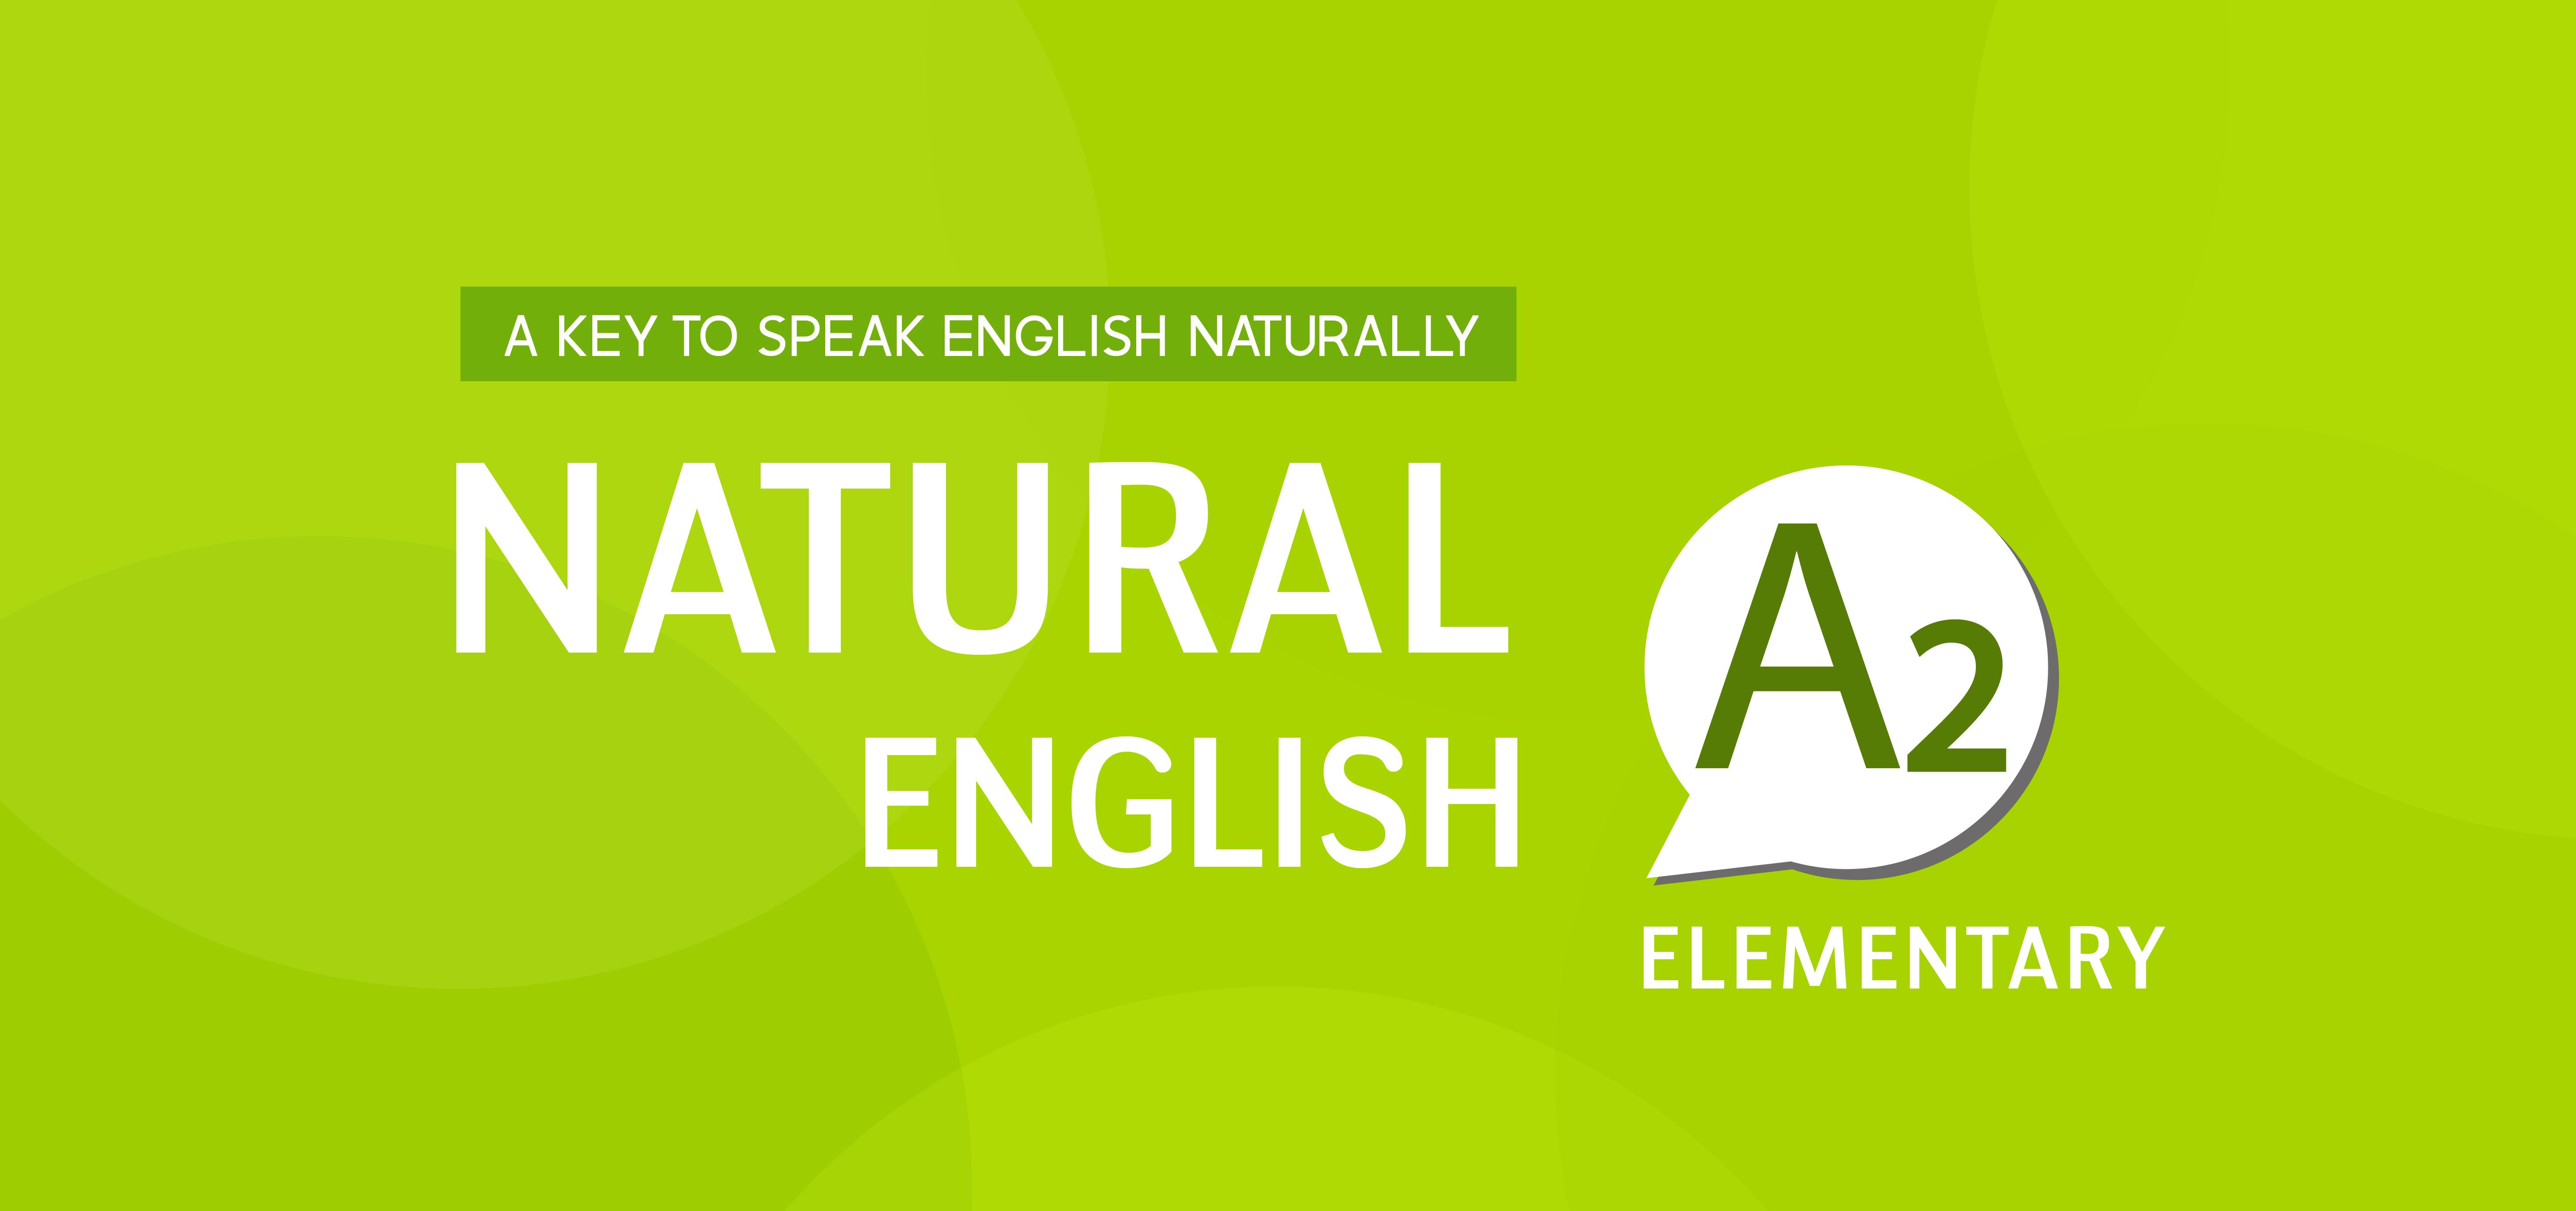 NATURAL ENGLISH A2